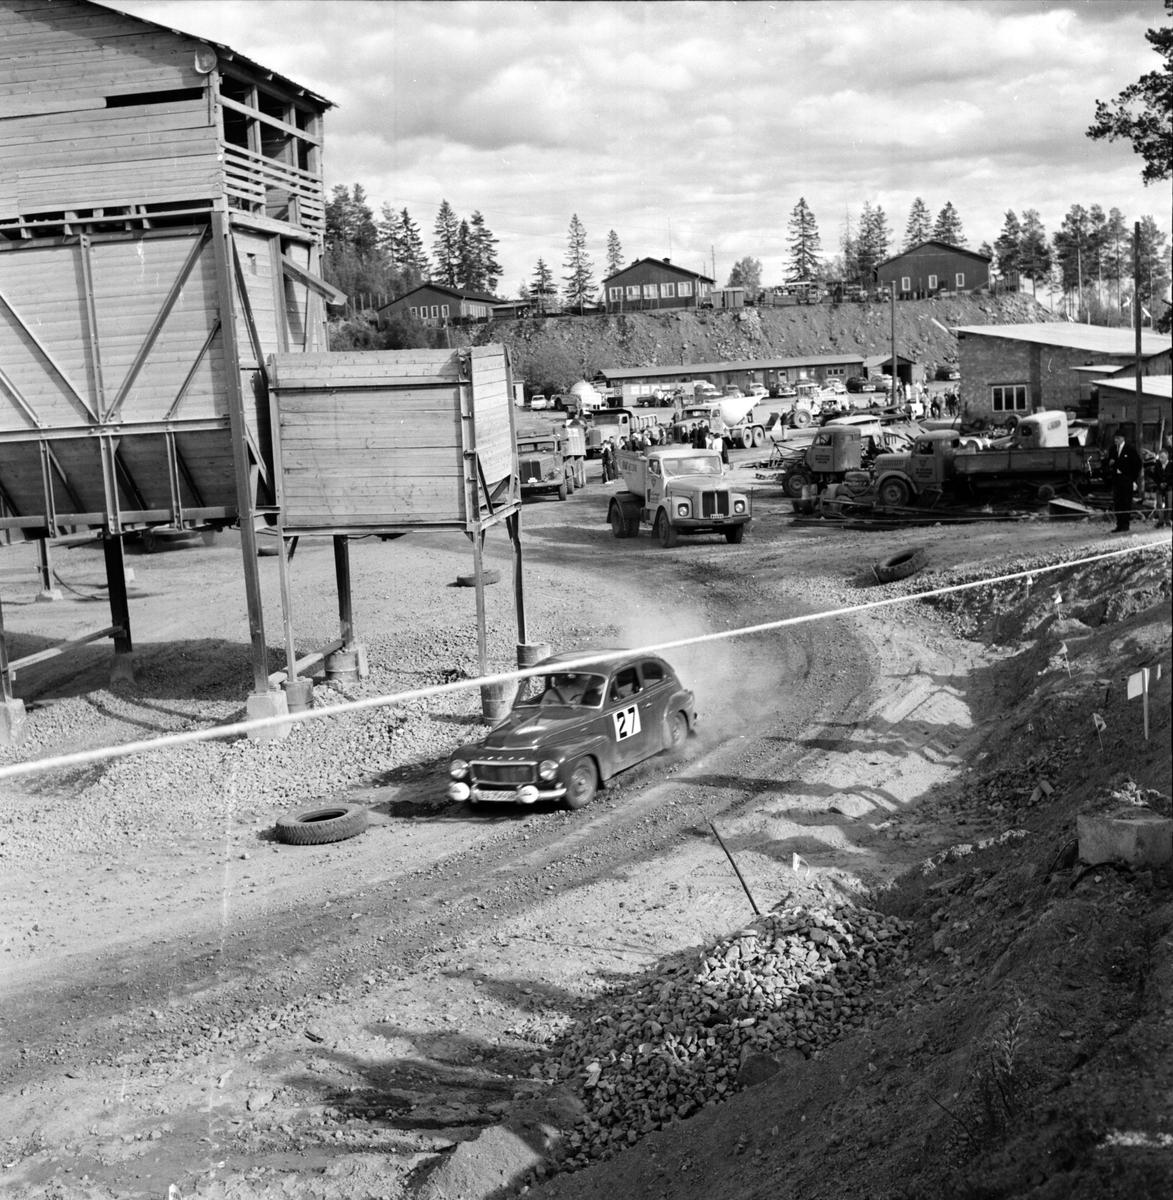 Midnattssolrallyt, Ren, 10 Juni 1964